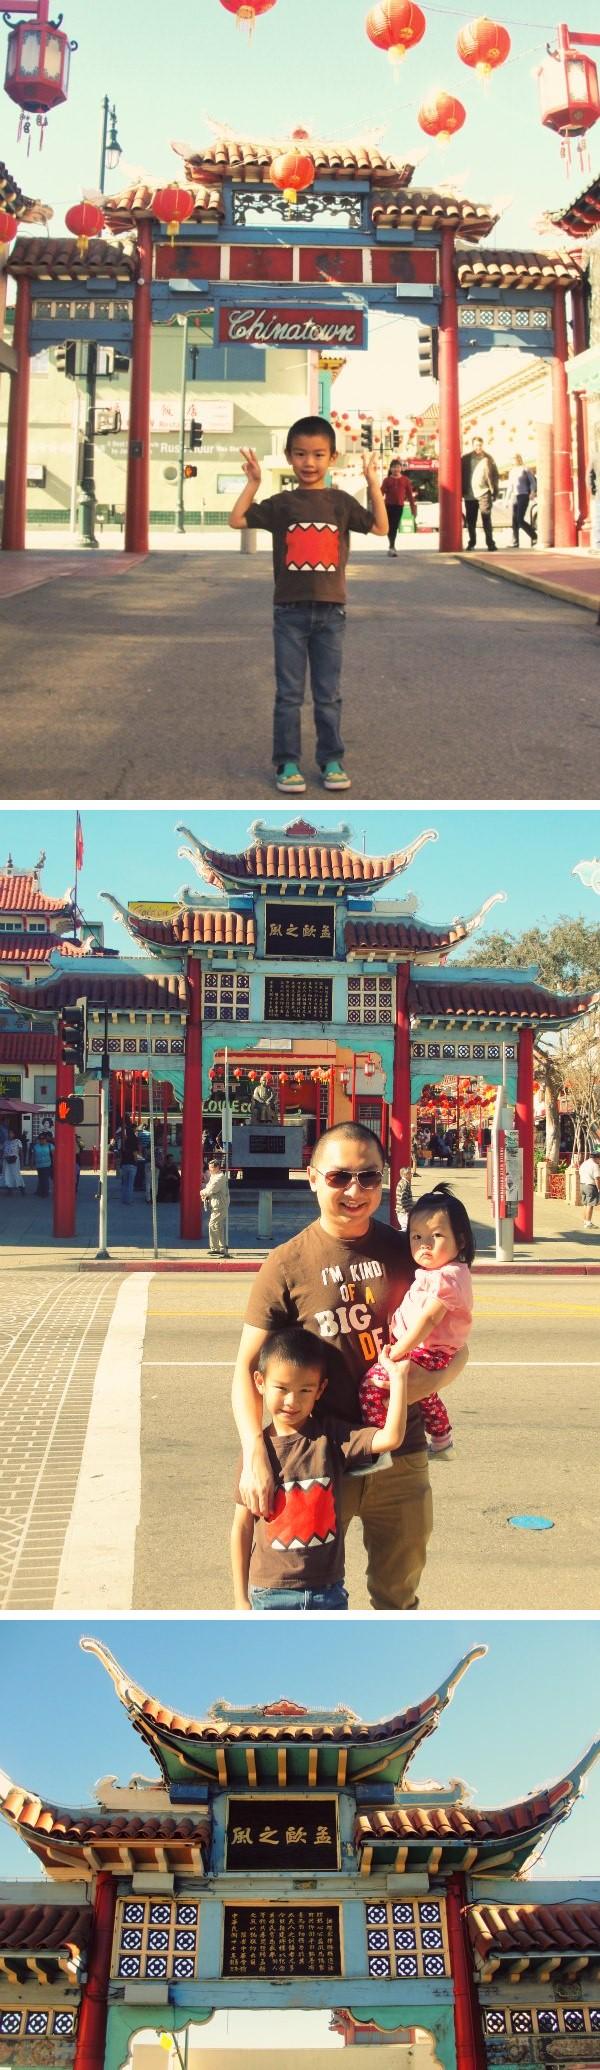 chinatown gapura